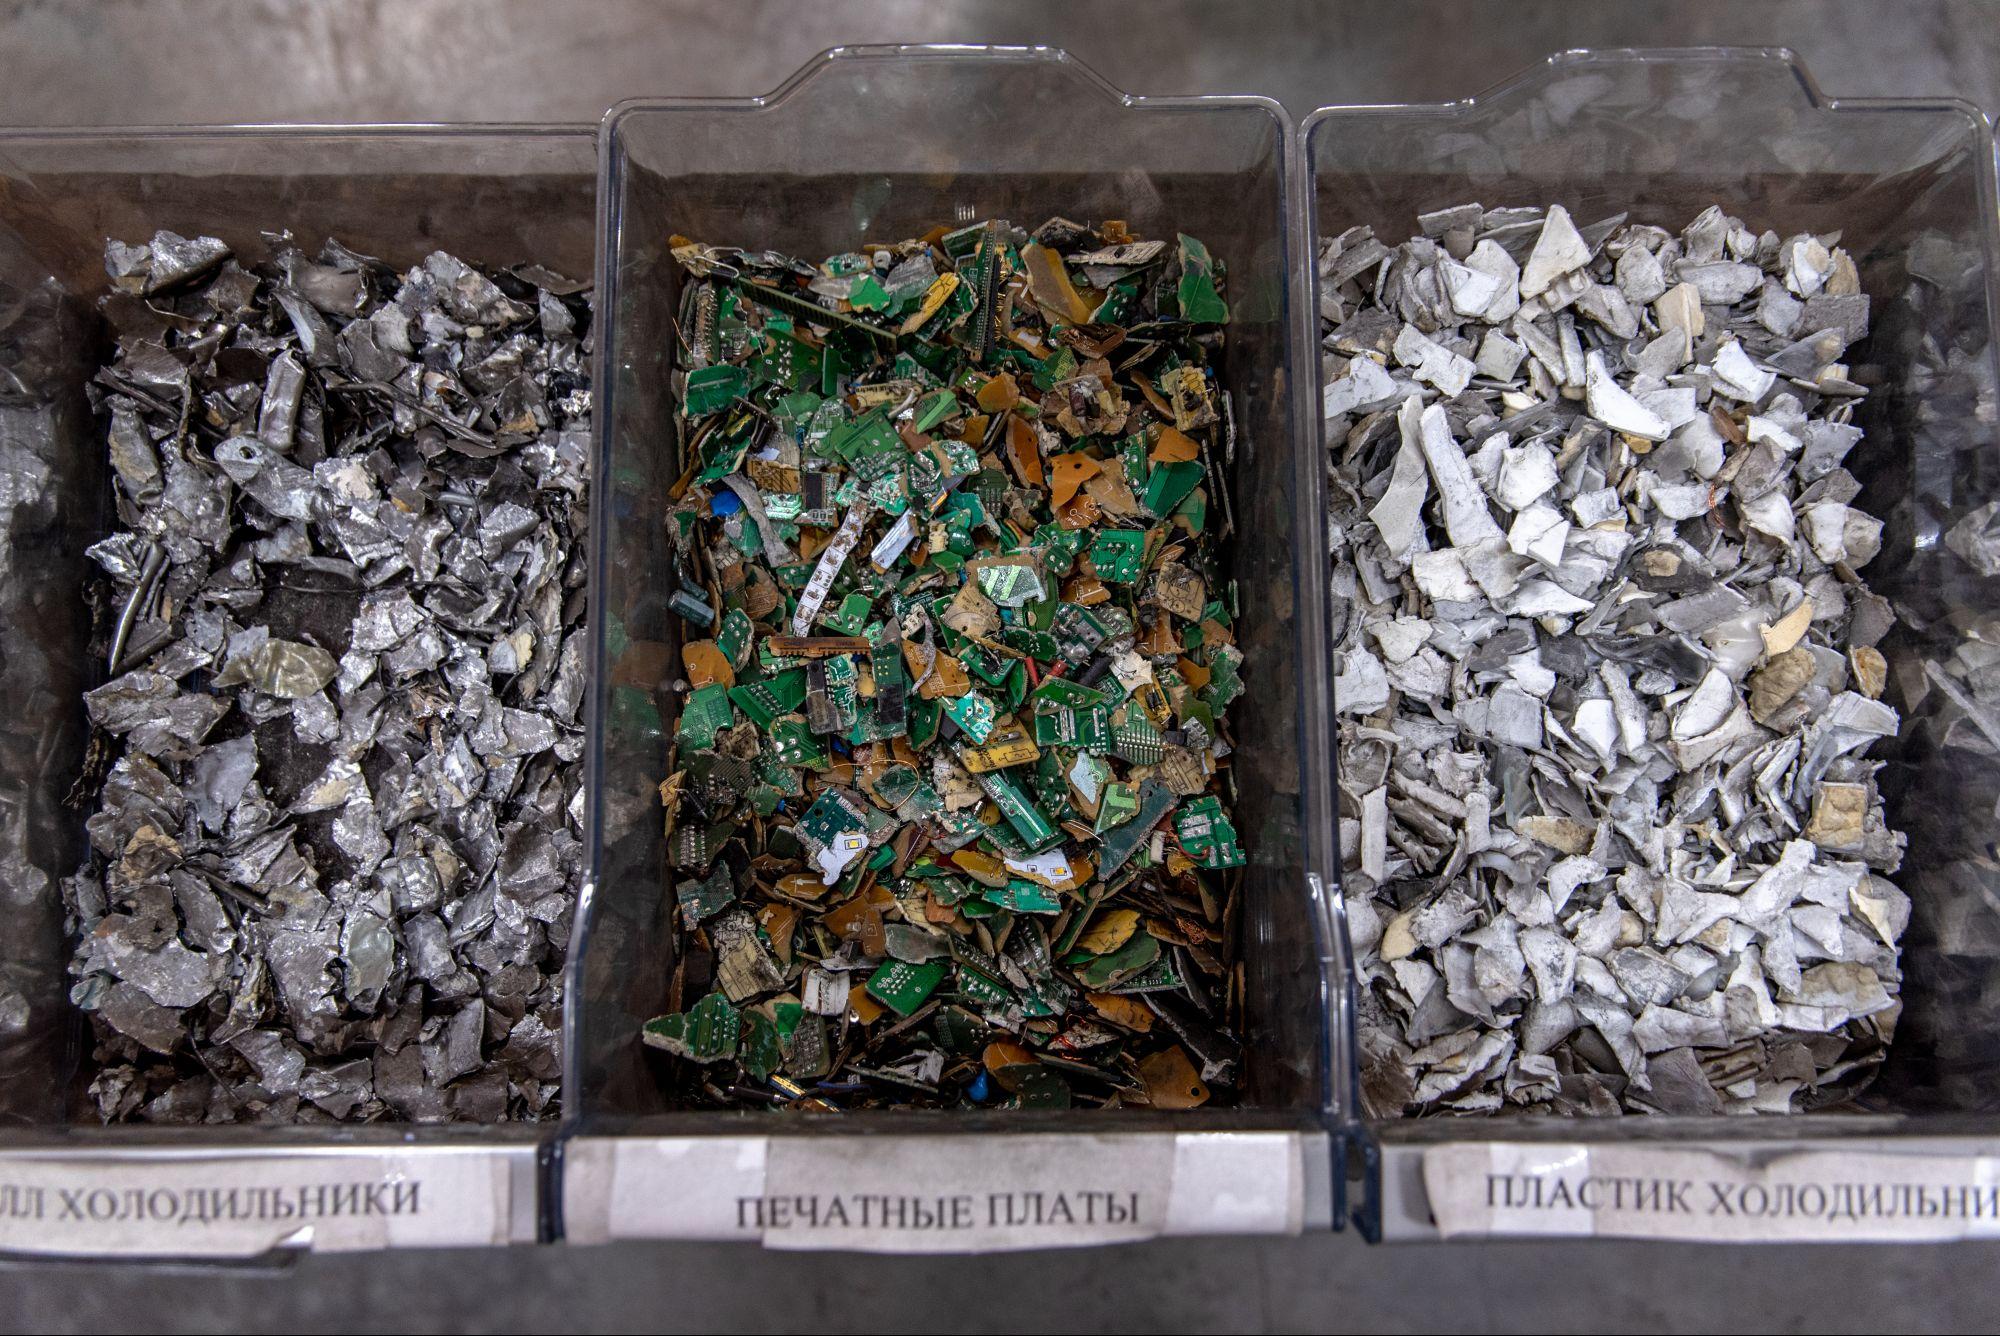 Ценные металлы из печатных плат извлекают на специализированном заводе